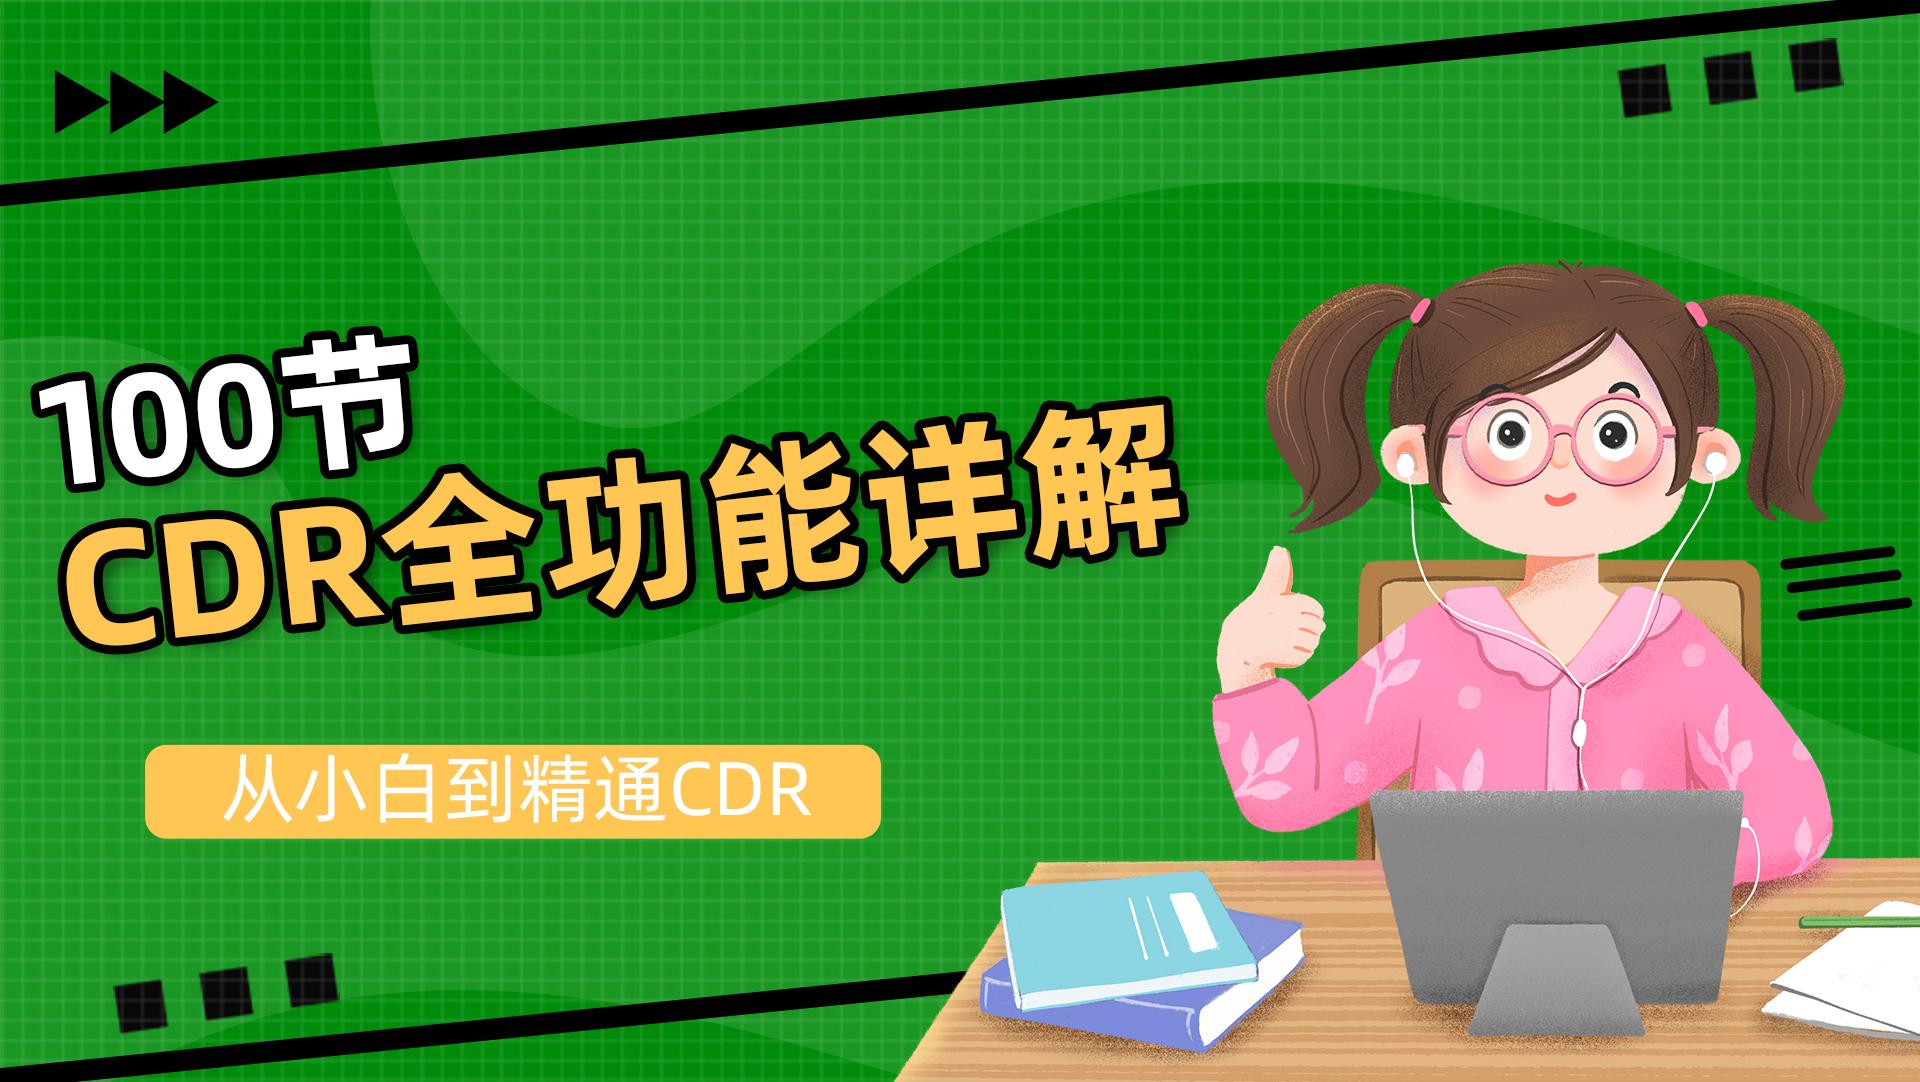 100节CDR全功能详解:从小白到精通CDR